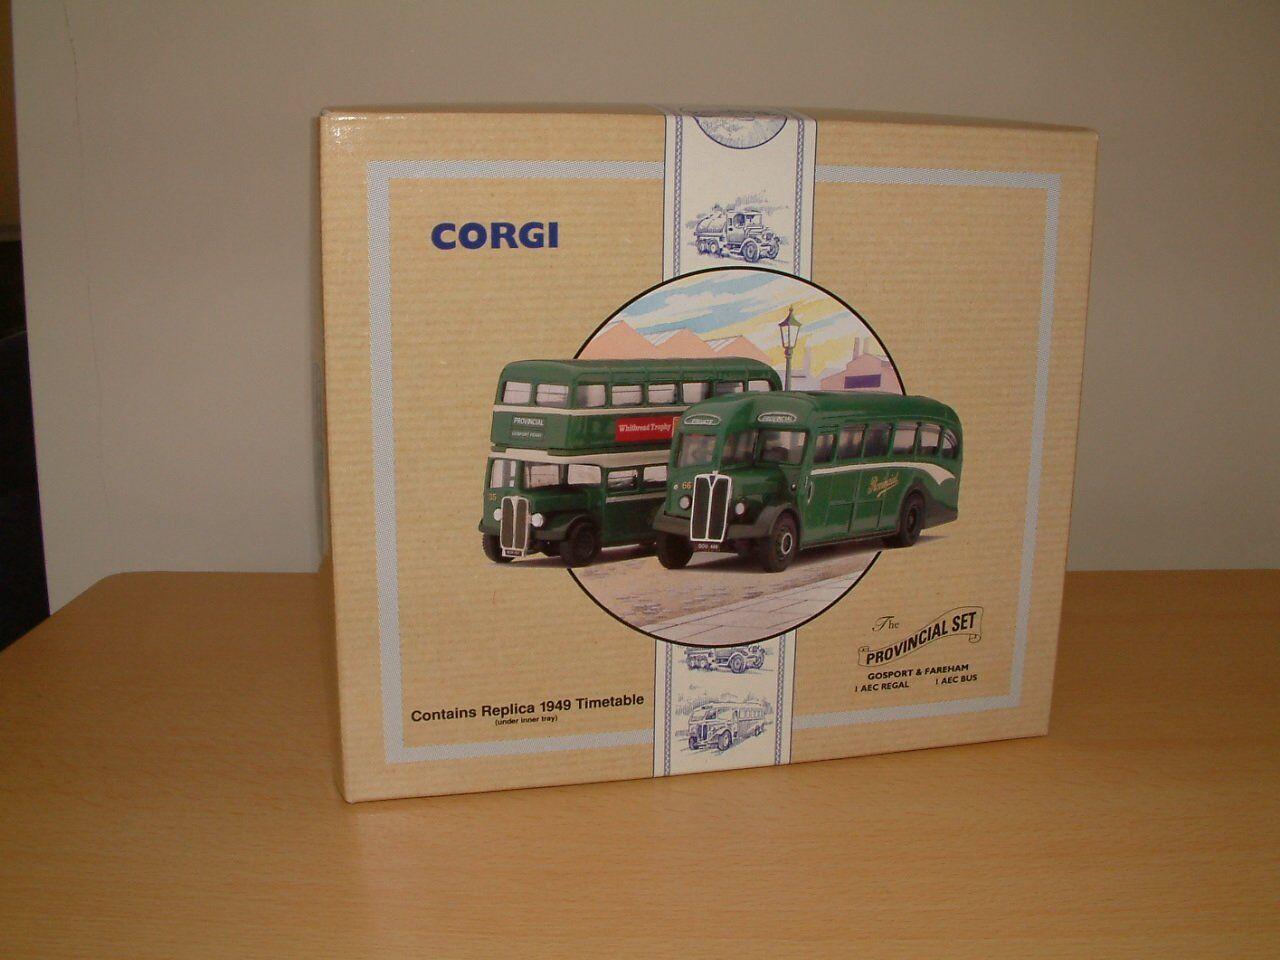 CORGI CORGI CORGI 97072 The Provincial Set Gosport & Fareham AEC Regal rgt c10bfe